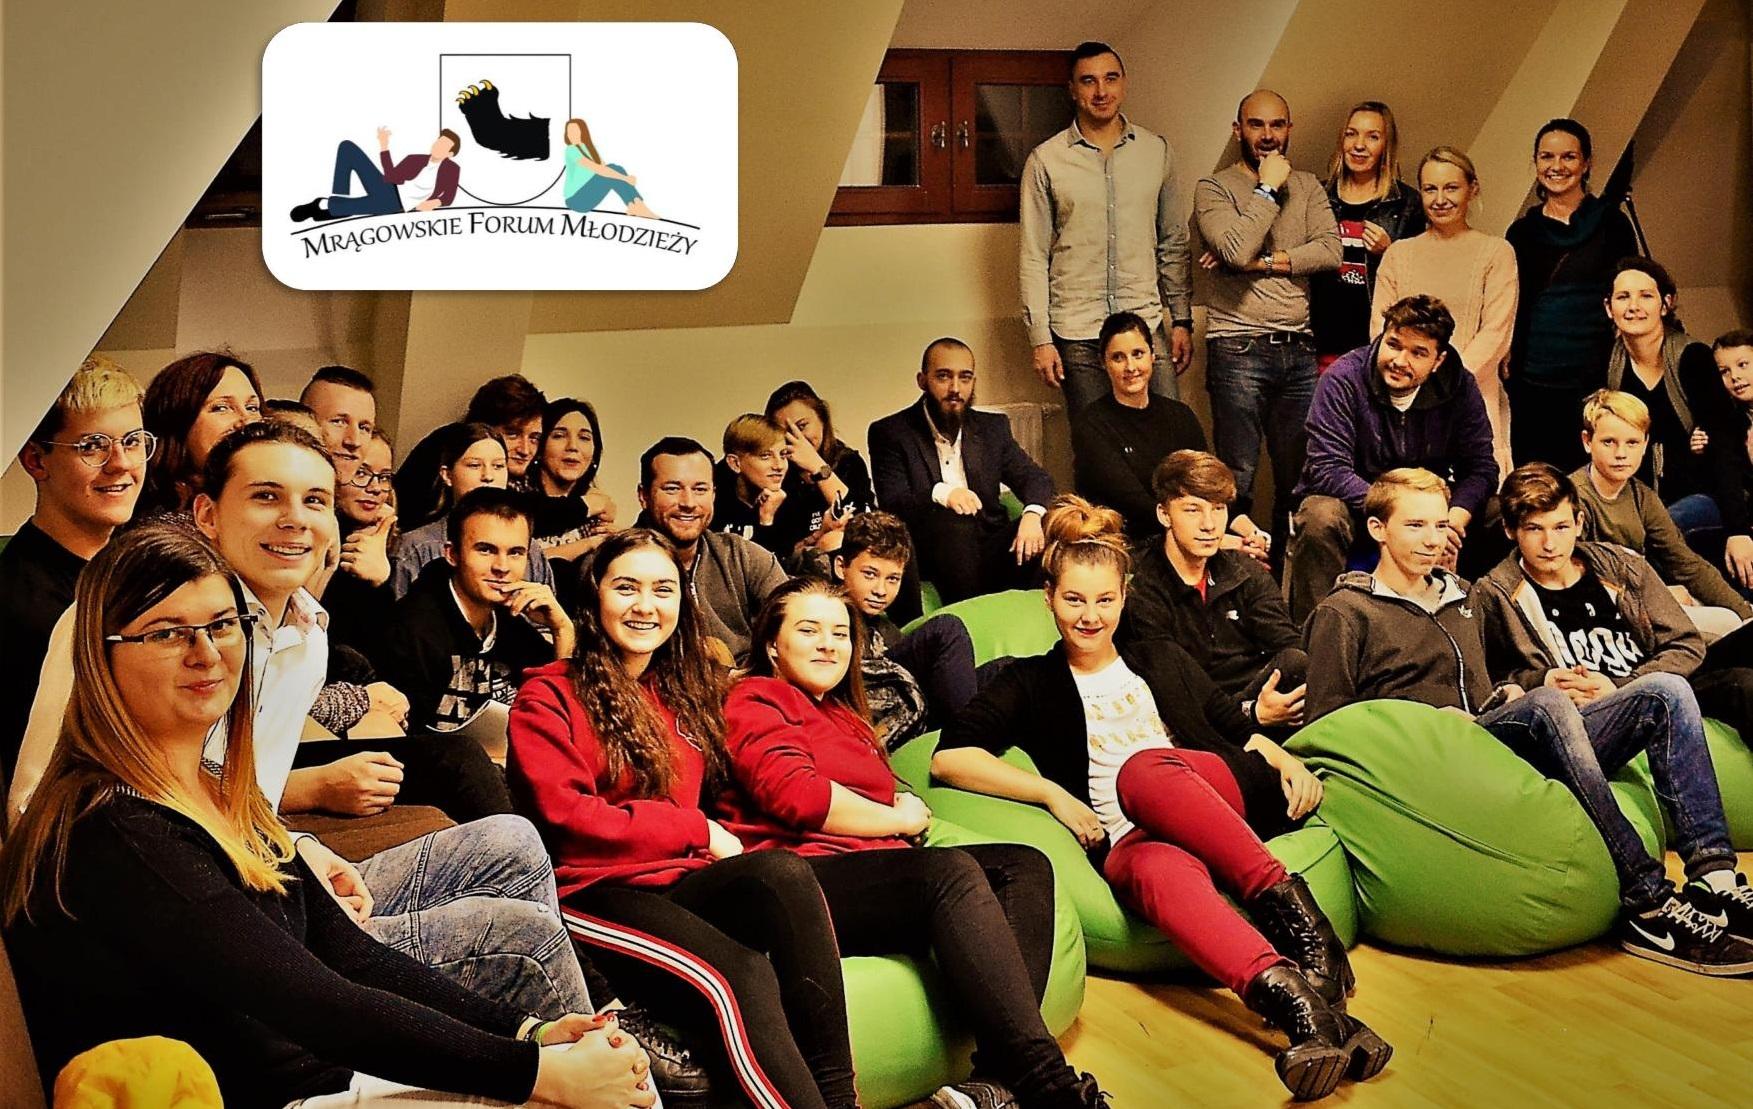 Sesja Mrągowskiego Forum Młodzieży!